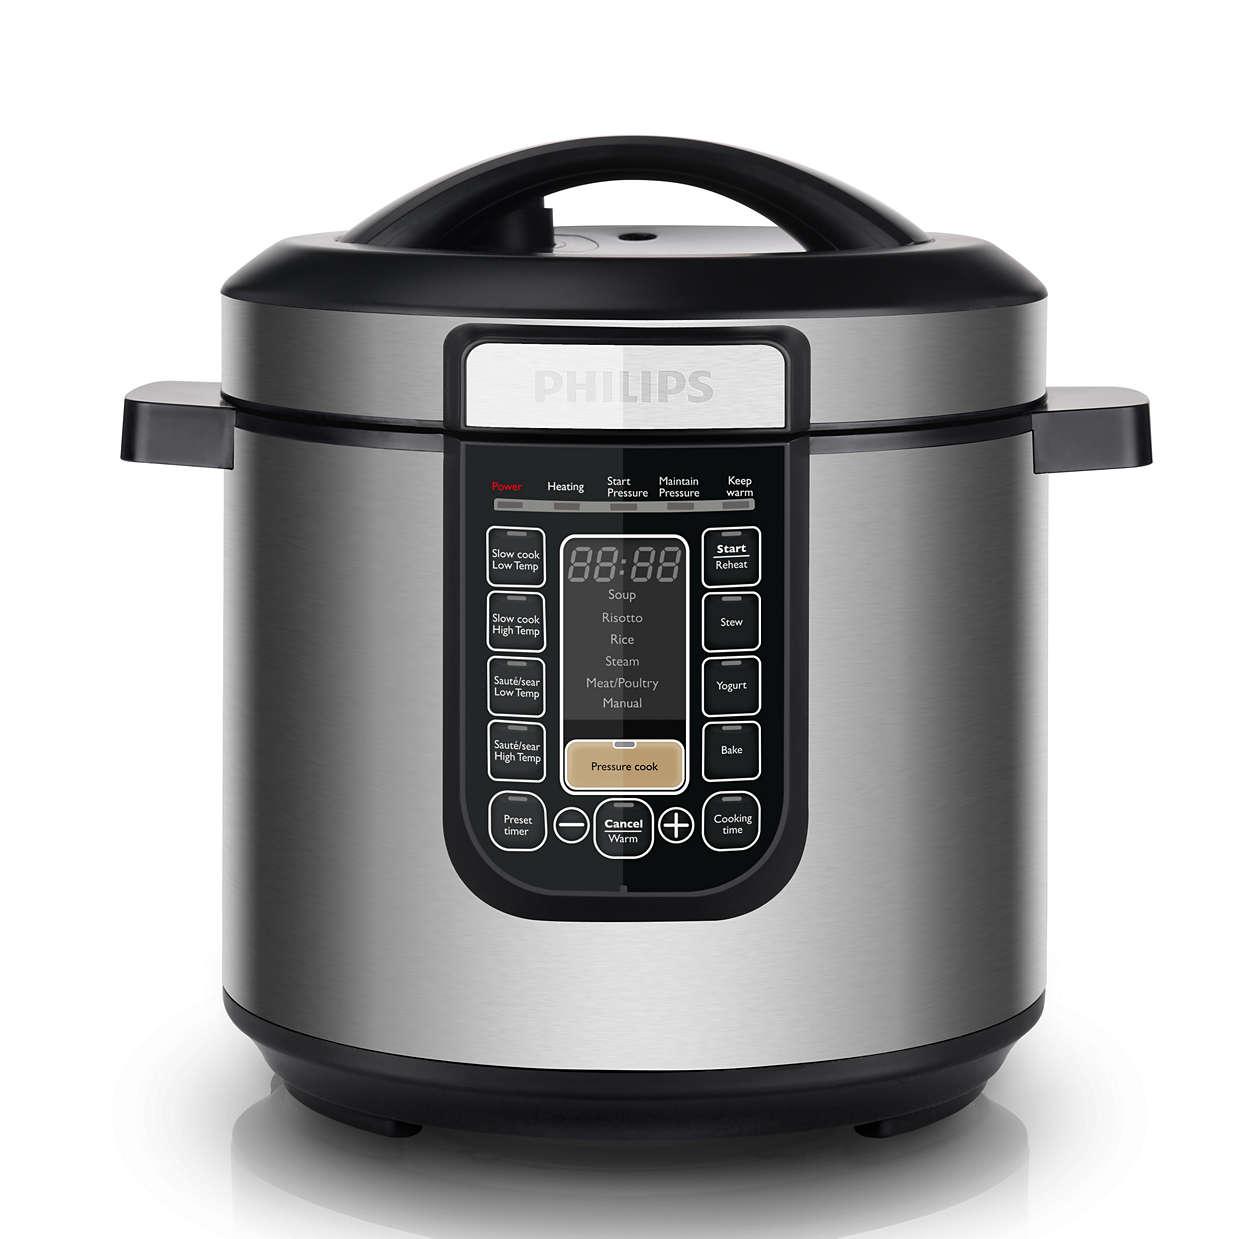 為您烹調需求而設的智能萬用鍋